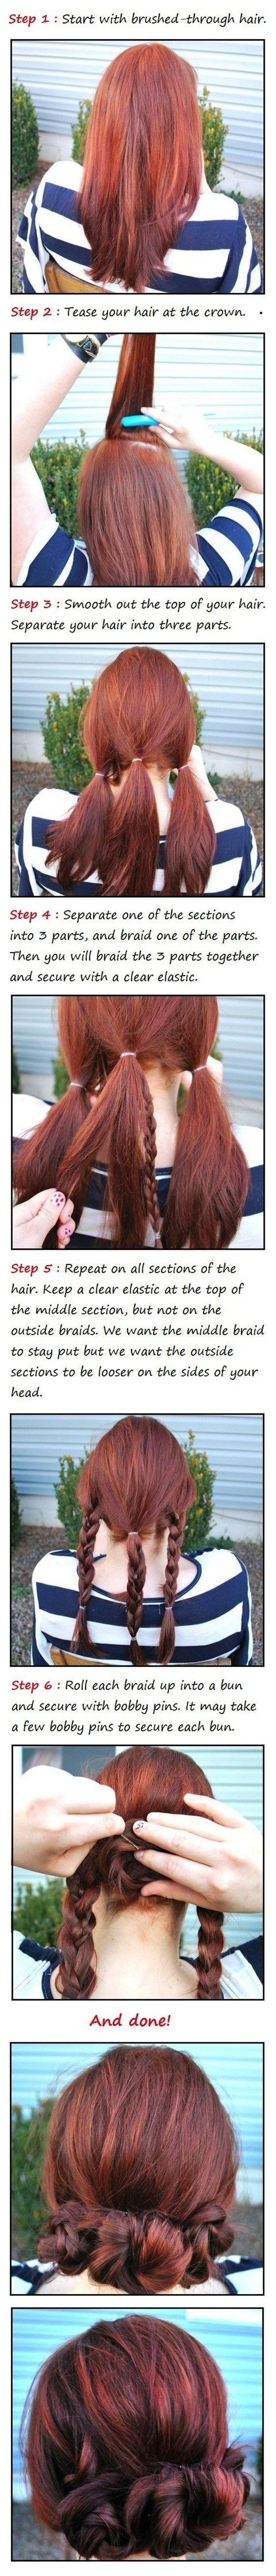 Simples buns trança fazer segunda-dia de cabelo ainda melhor do que era no dia anterior. | 17 Ways To Never Have A Bad Hair Day Again